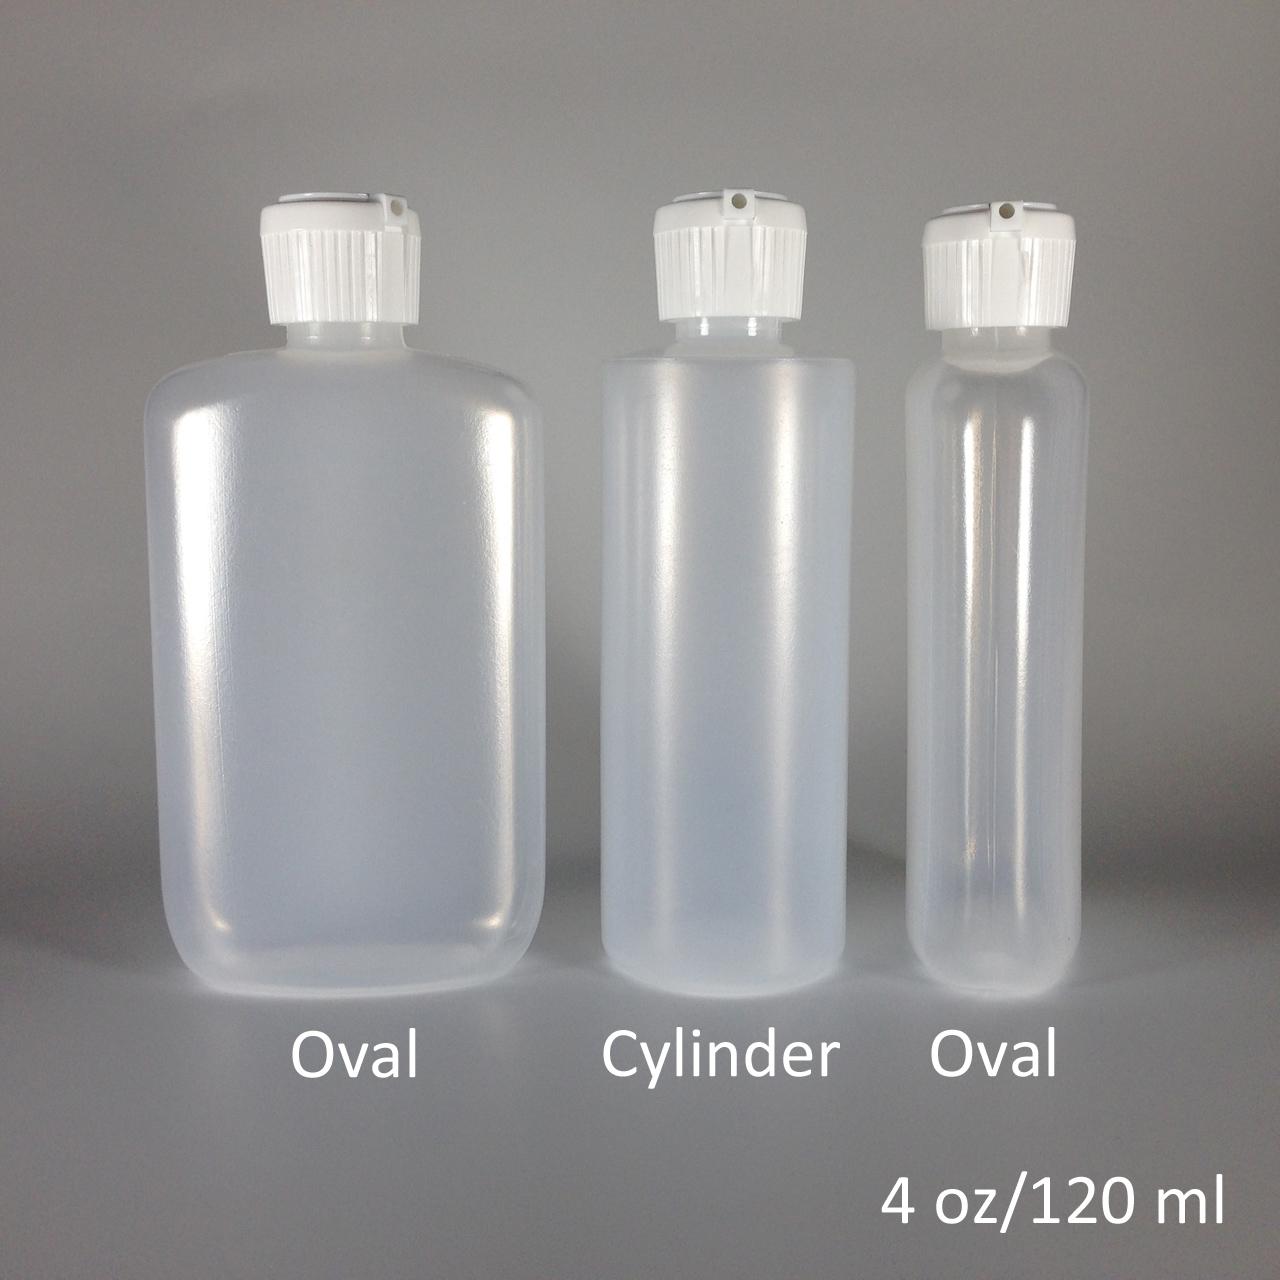 flip-top-oval-vs-cylinder-bottle-4oz.jpg